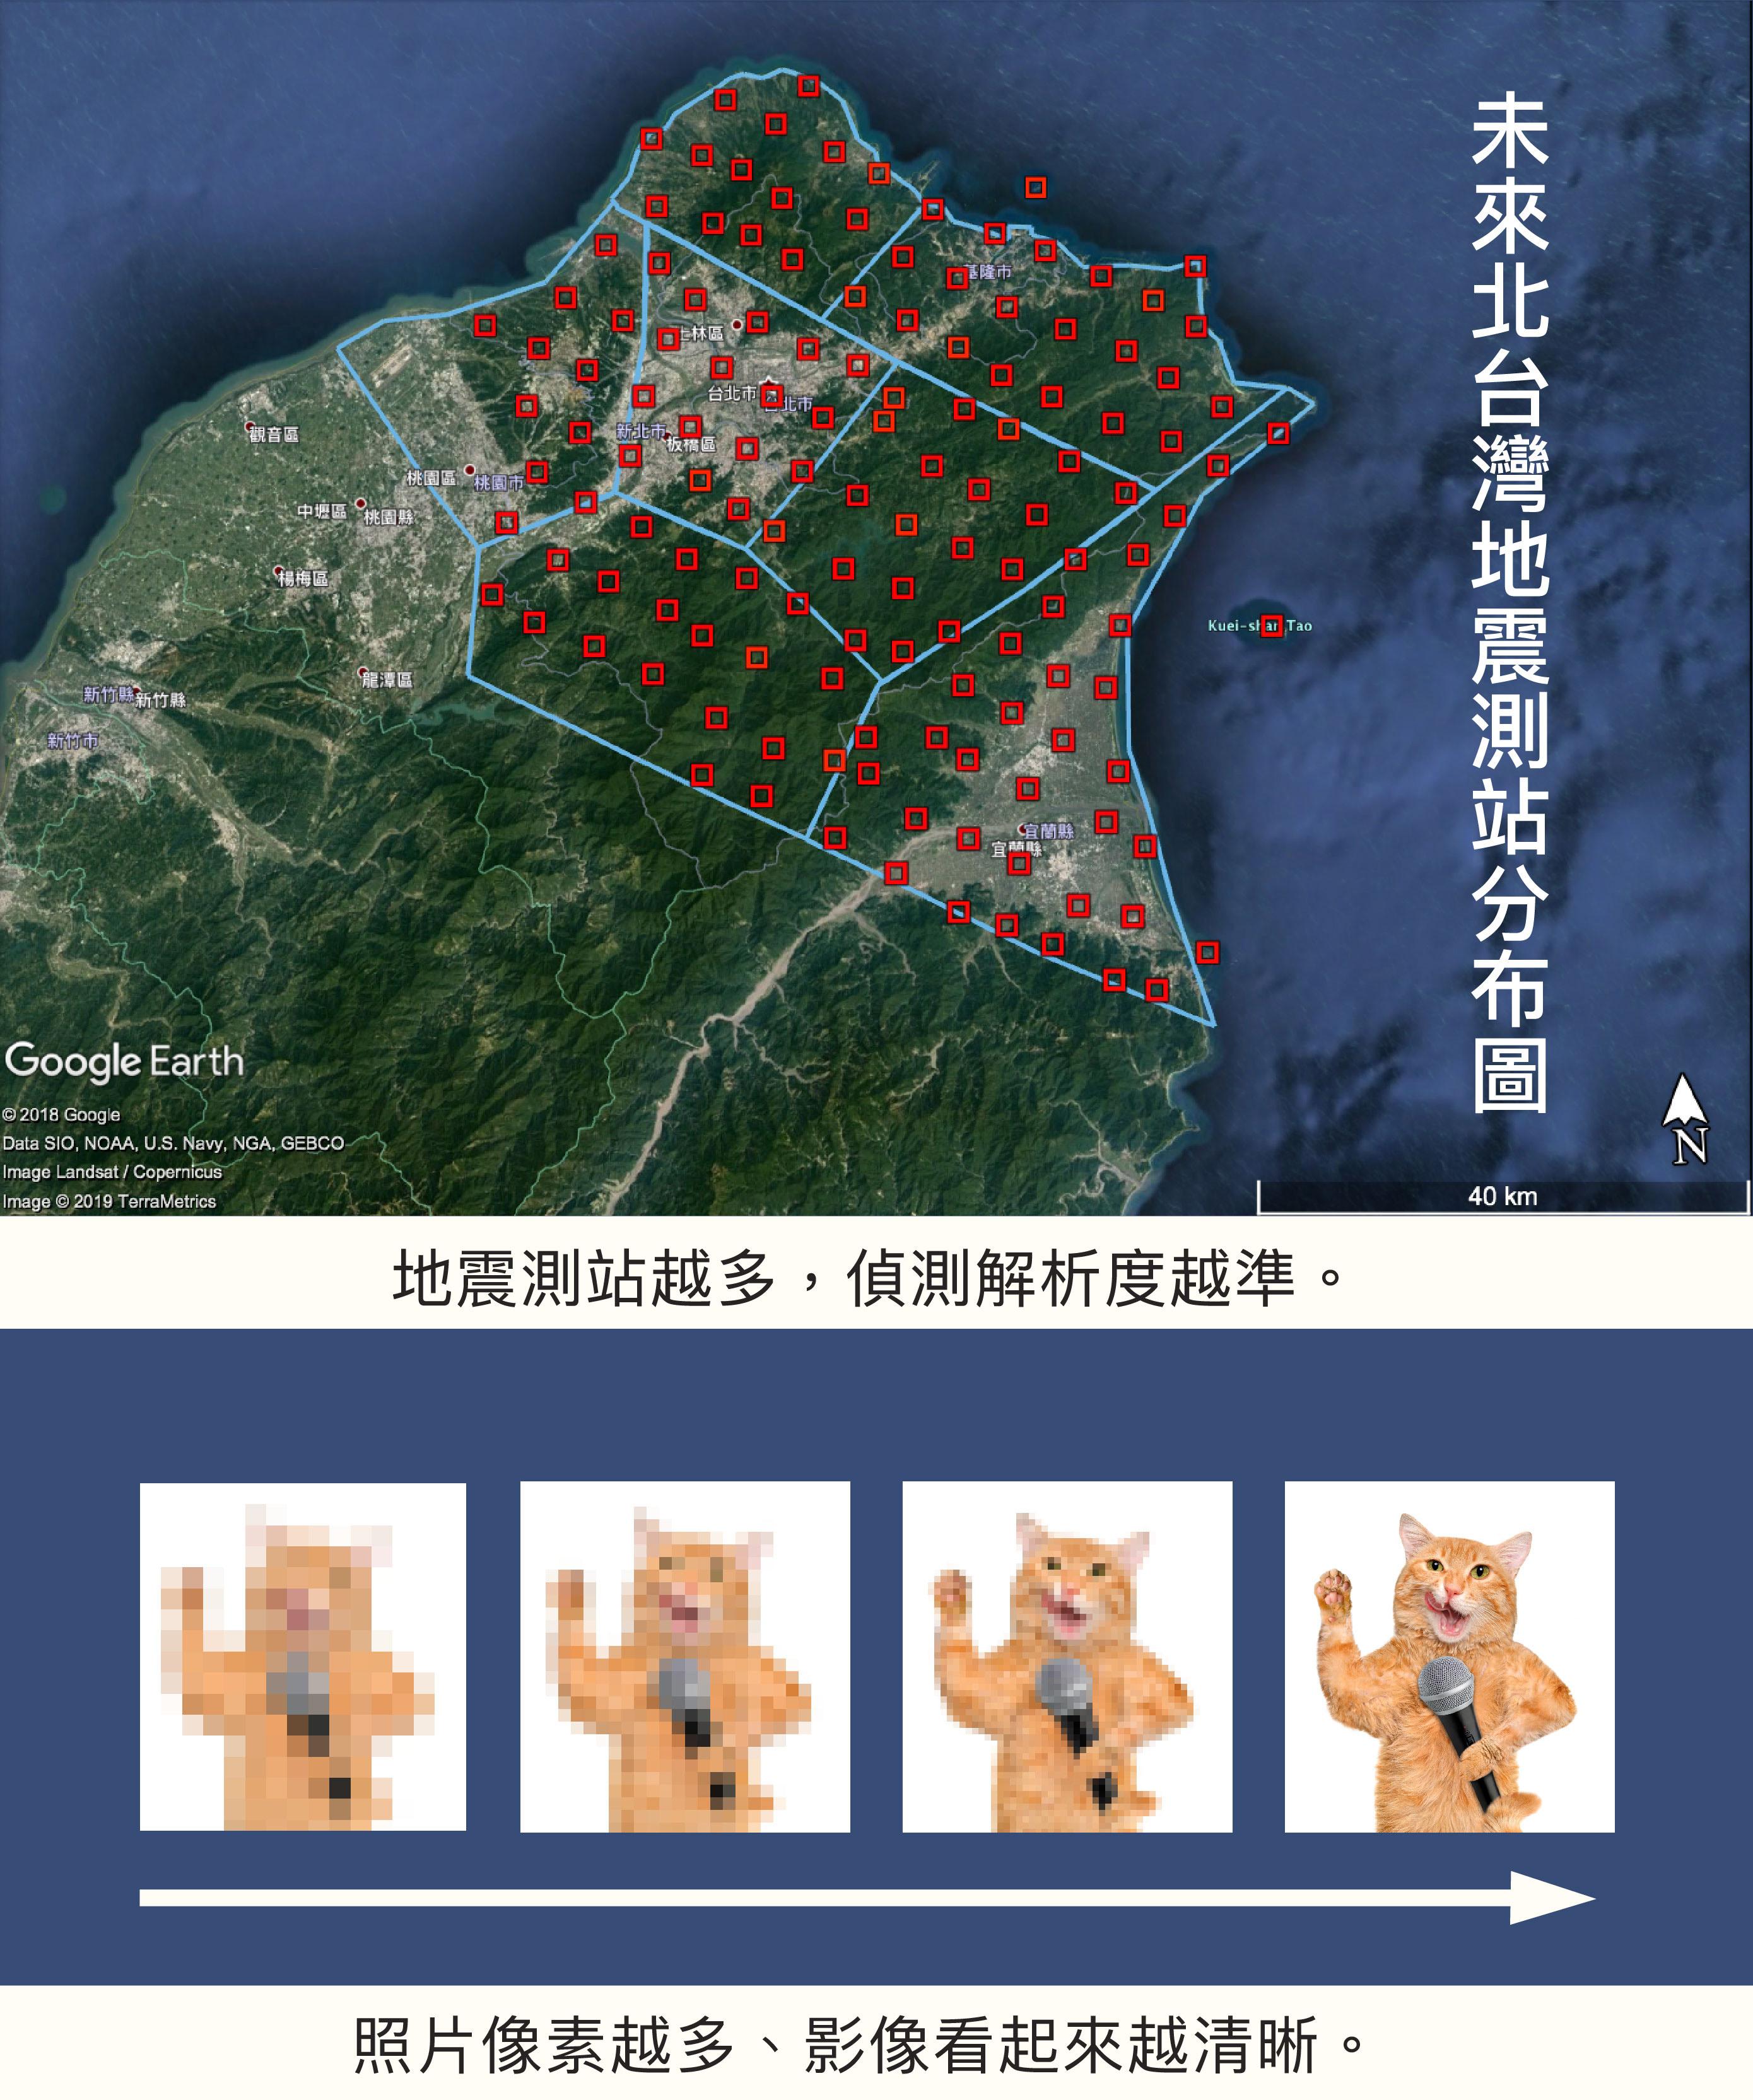 資料來源│林正洪 圖片重製│林洵安